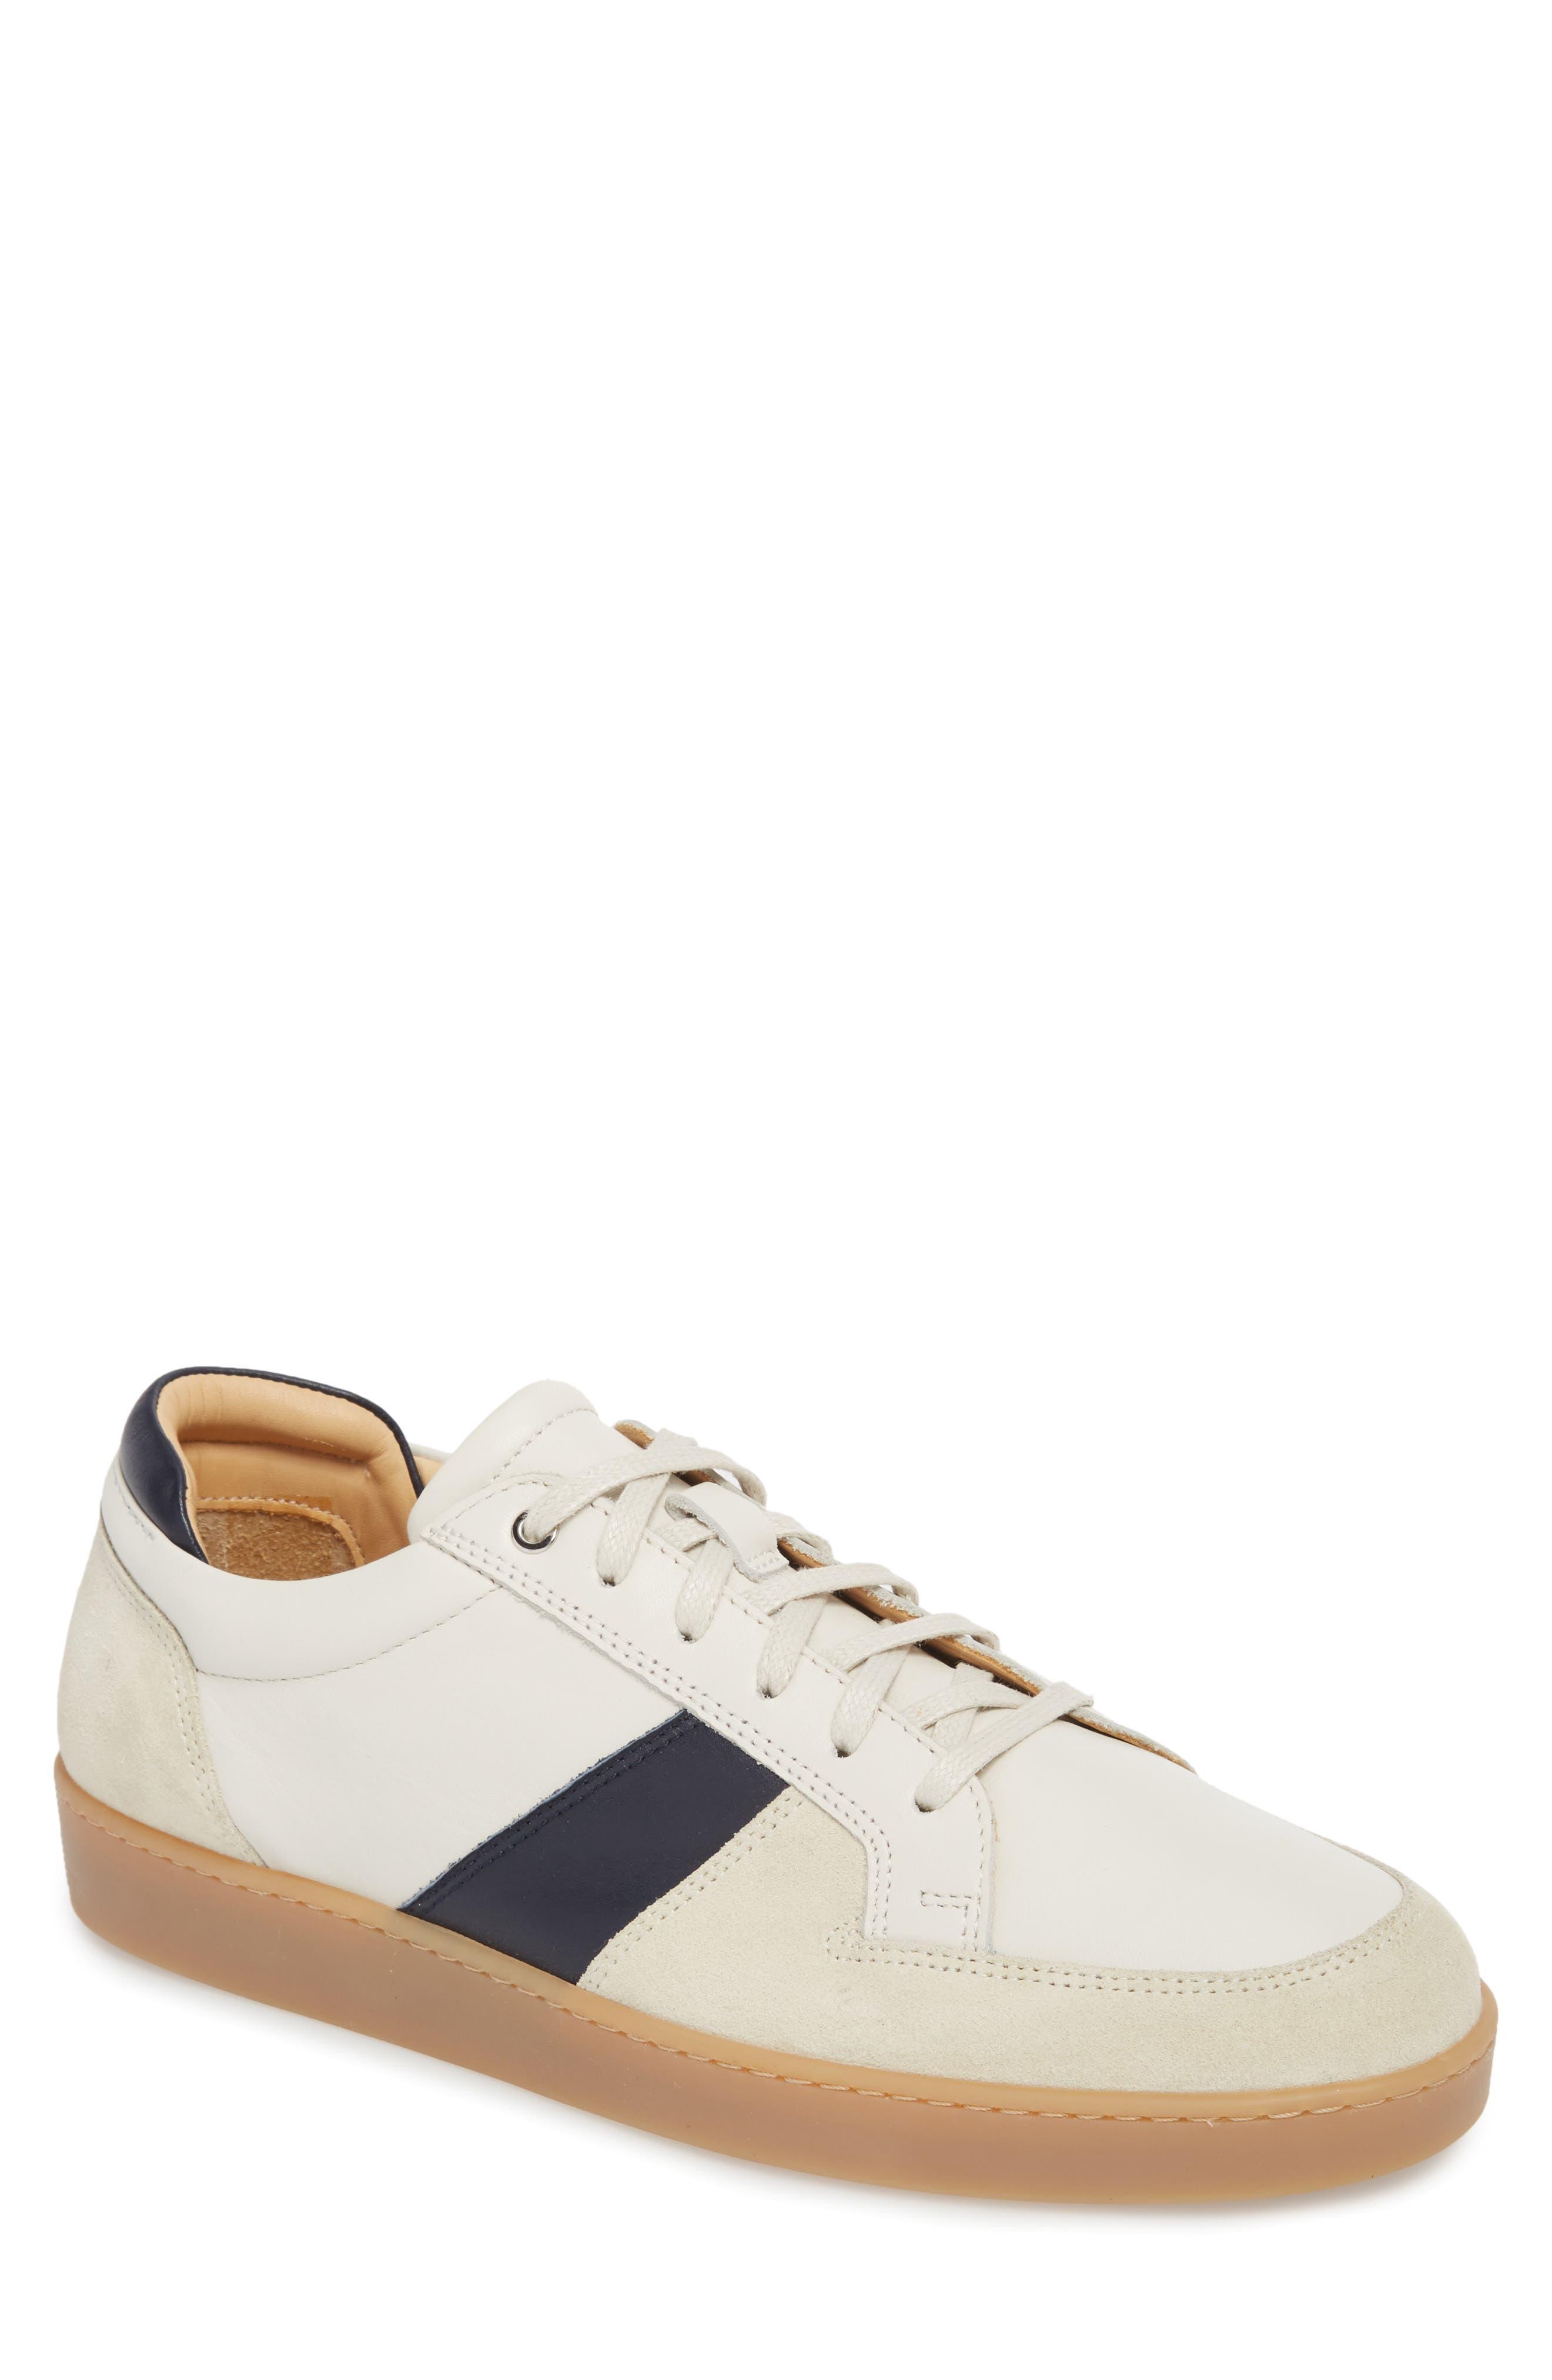 WANT LES ESSENTIELS DE LA VIE Wants Les Essentiels Lydd Sneaker in Multi Chalk/ Navy